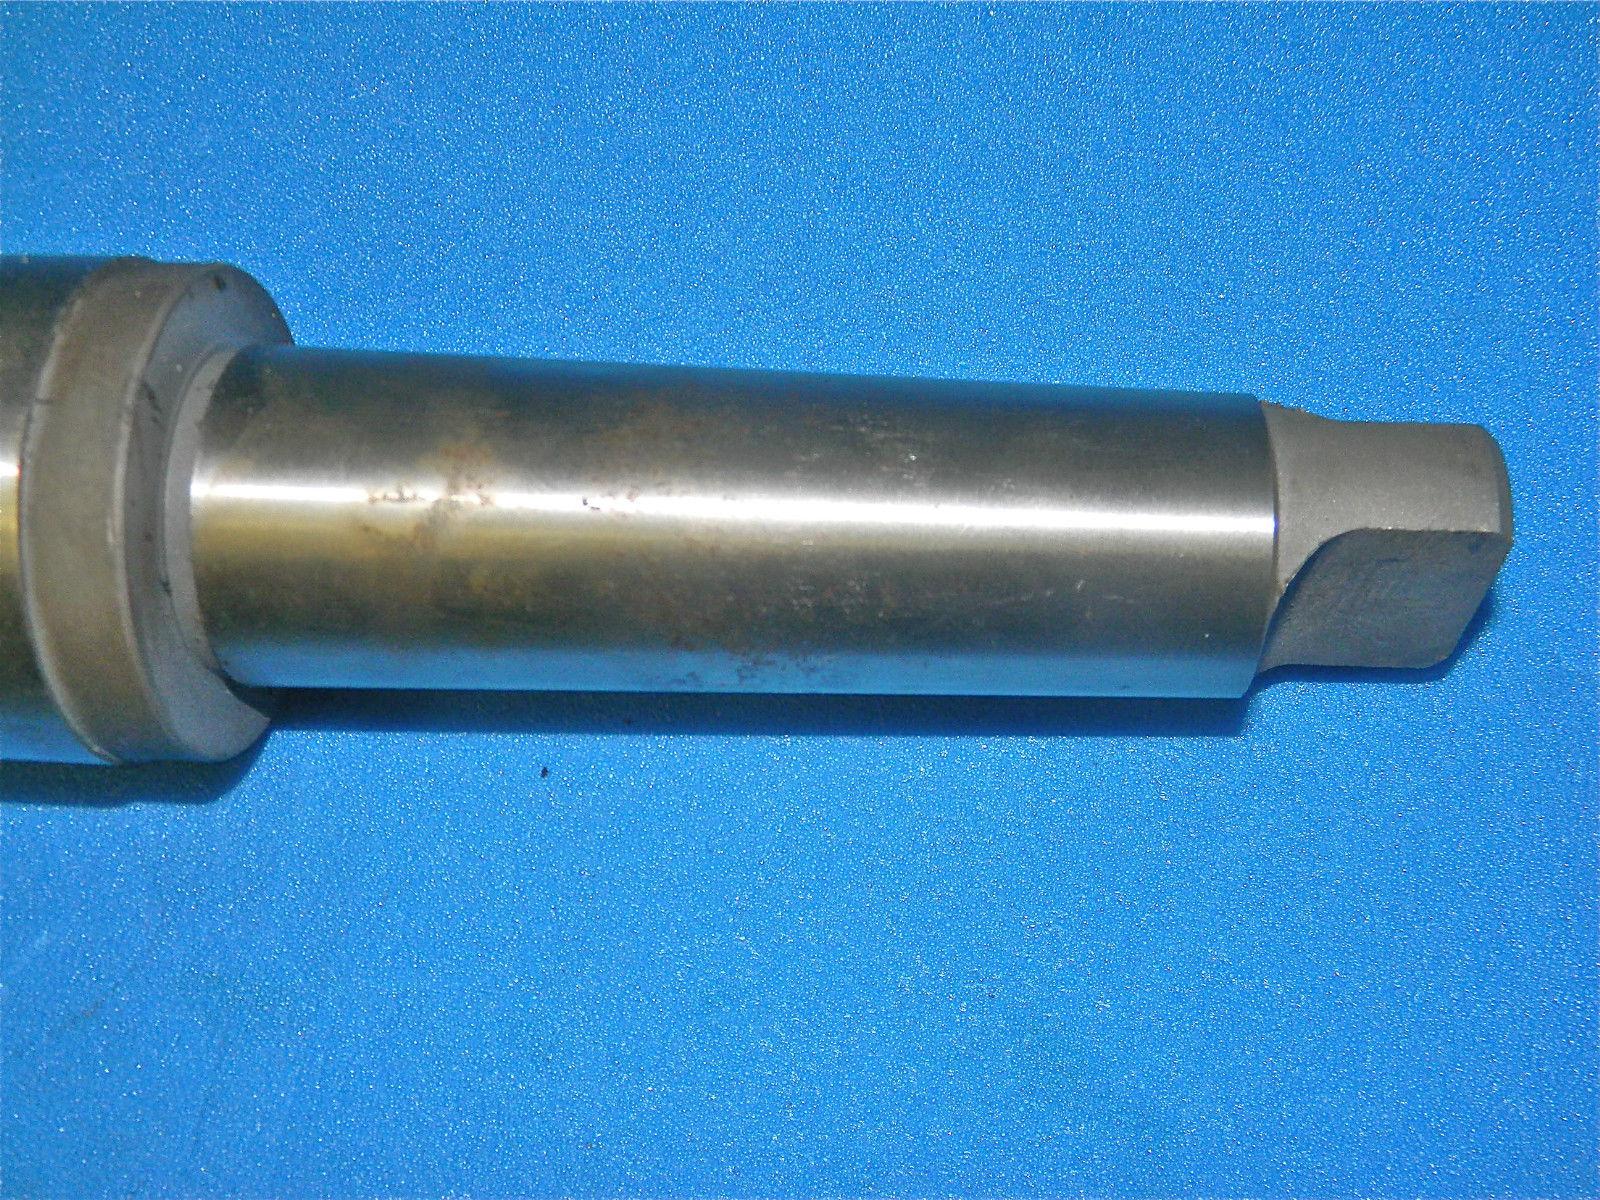 21//32 drill bits